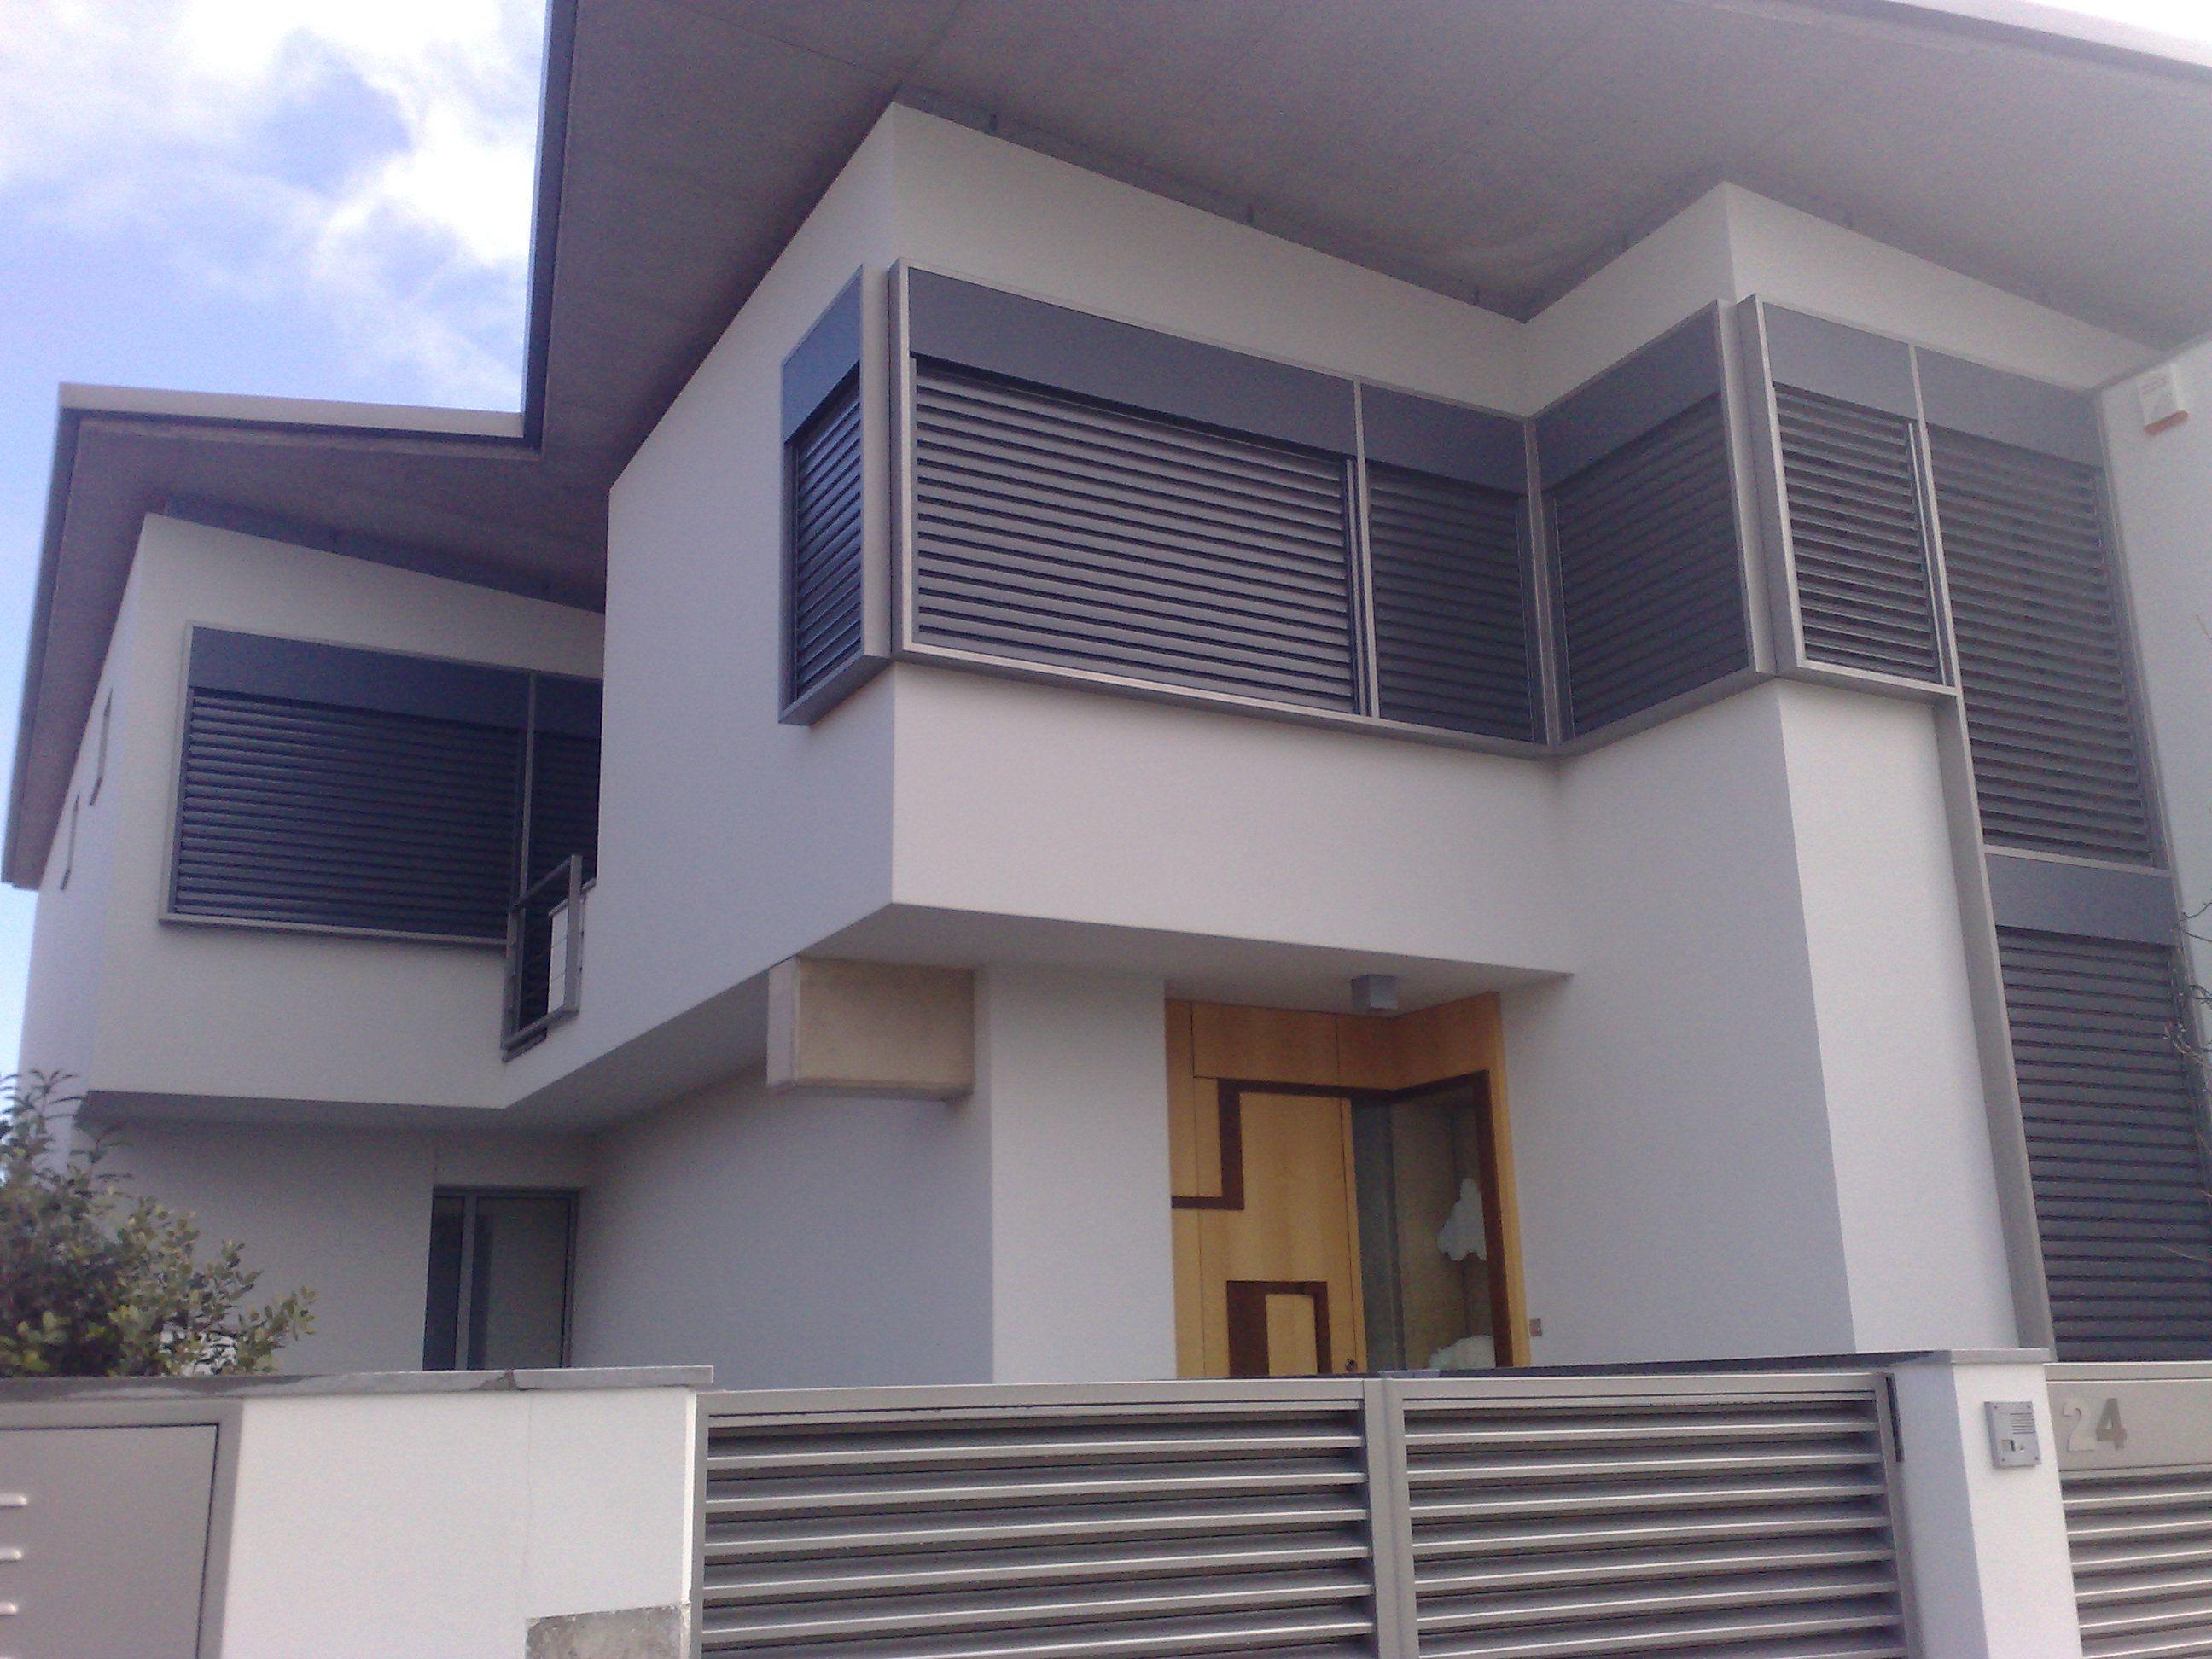 Foto 9 de Carpintería de aluminio, metálica y PVC en Terrassa | Tancaments Cusidó